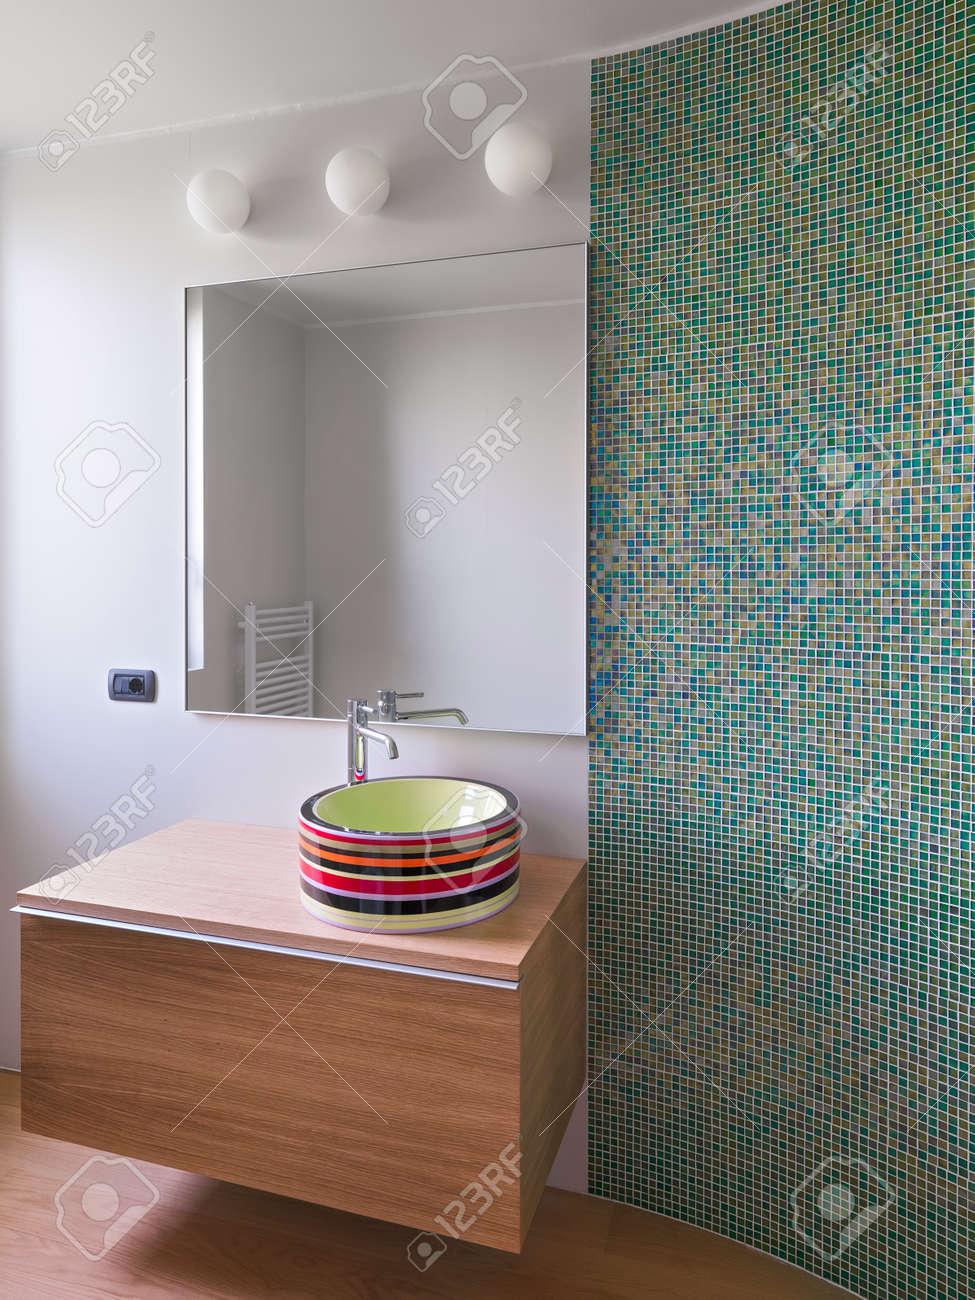 Bunte Waschbecken Auf Dem Naturholzmobeln Im Modernen Bad Mit Einer